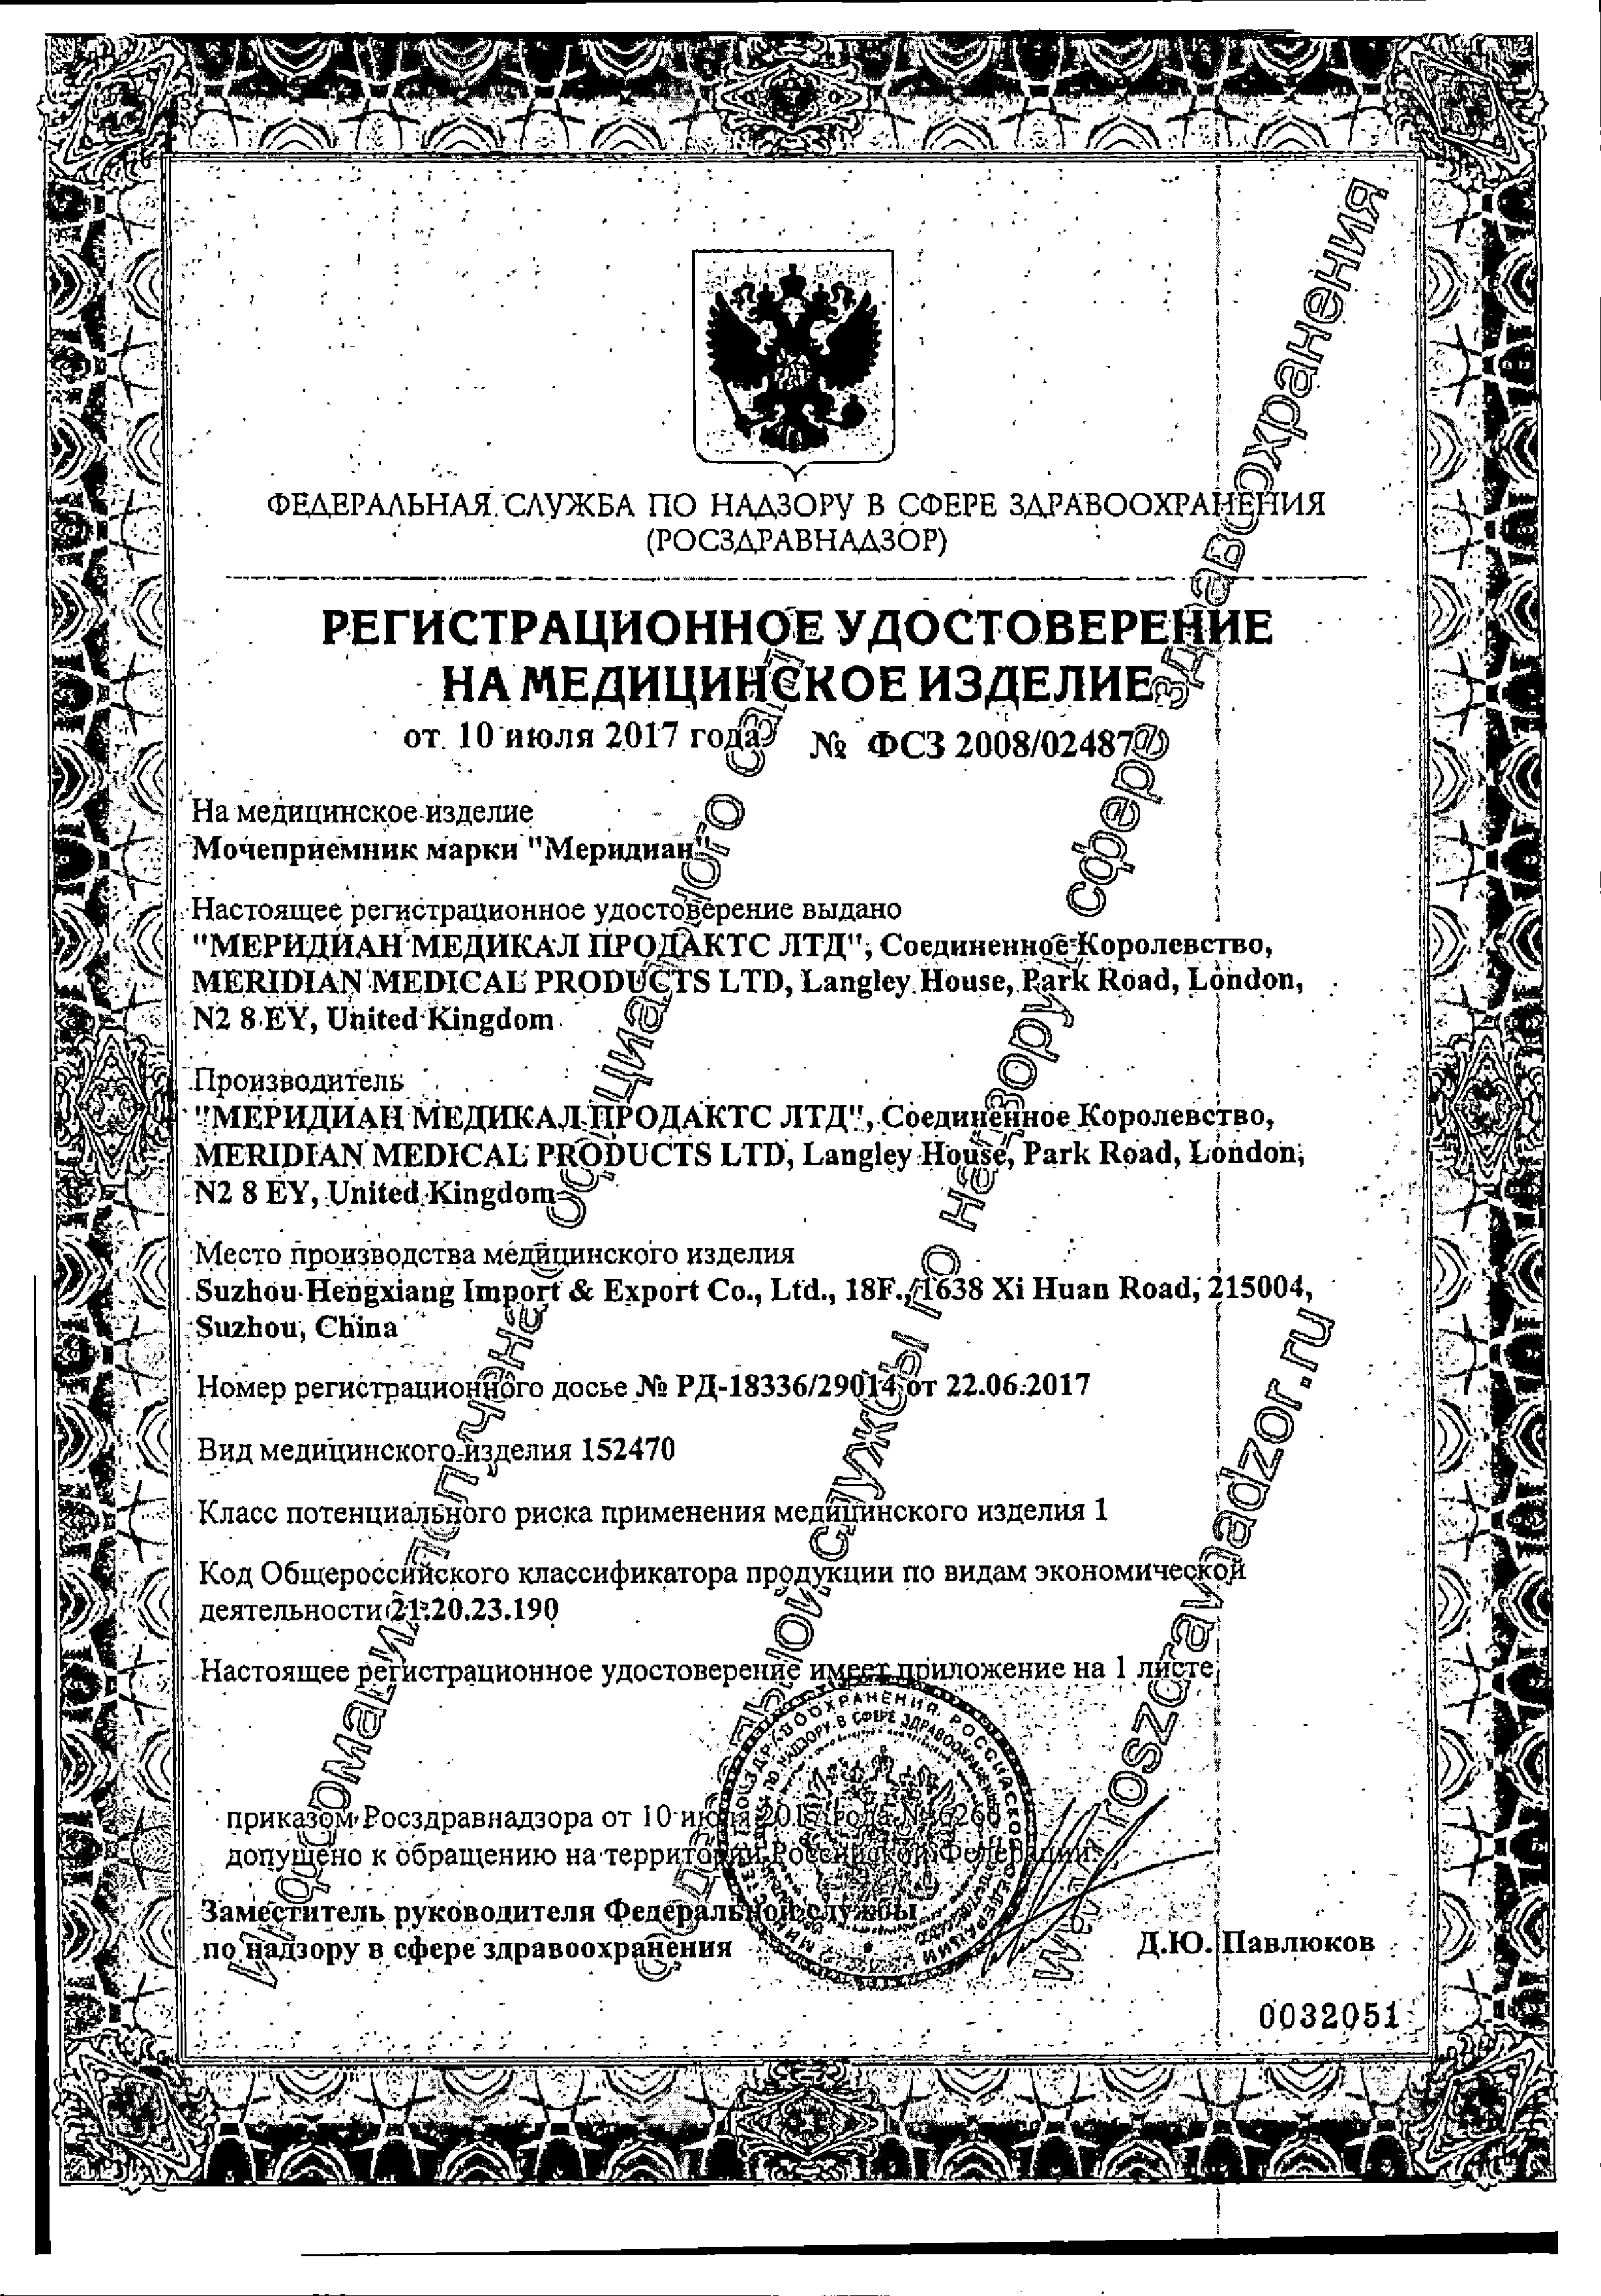 Мочеприемник стандартный прикроватный Меридиан сертификат